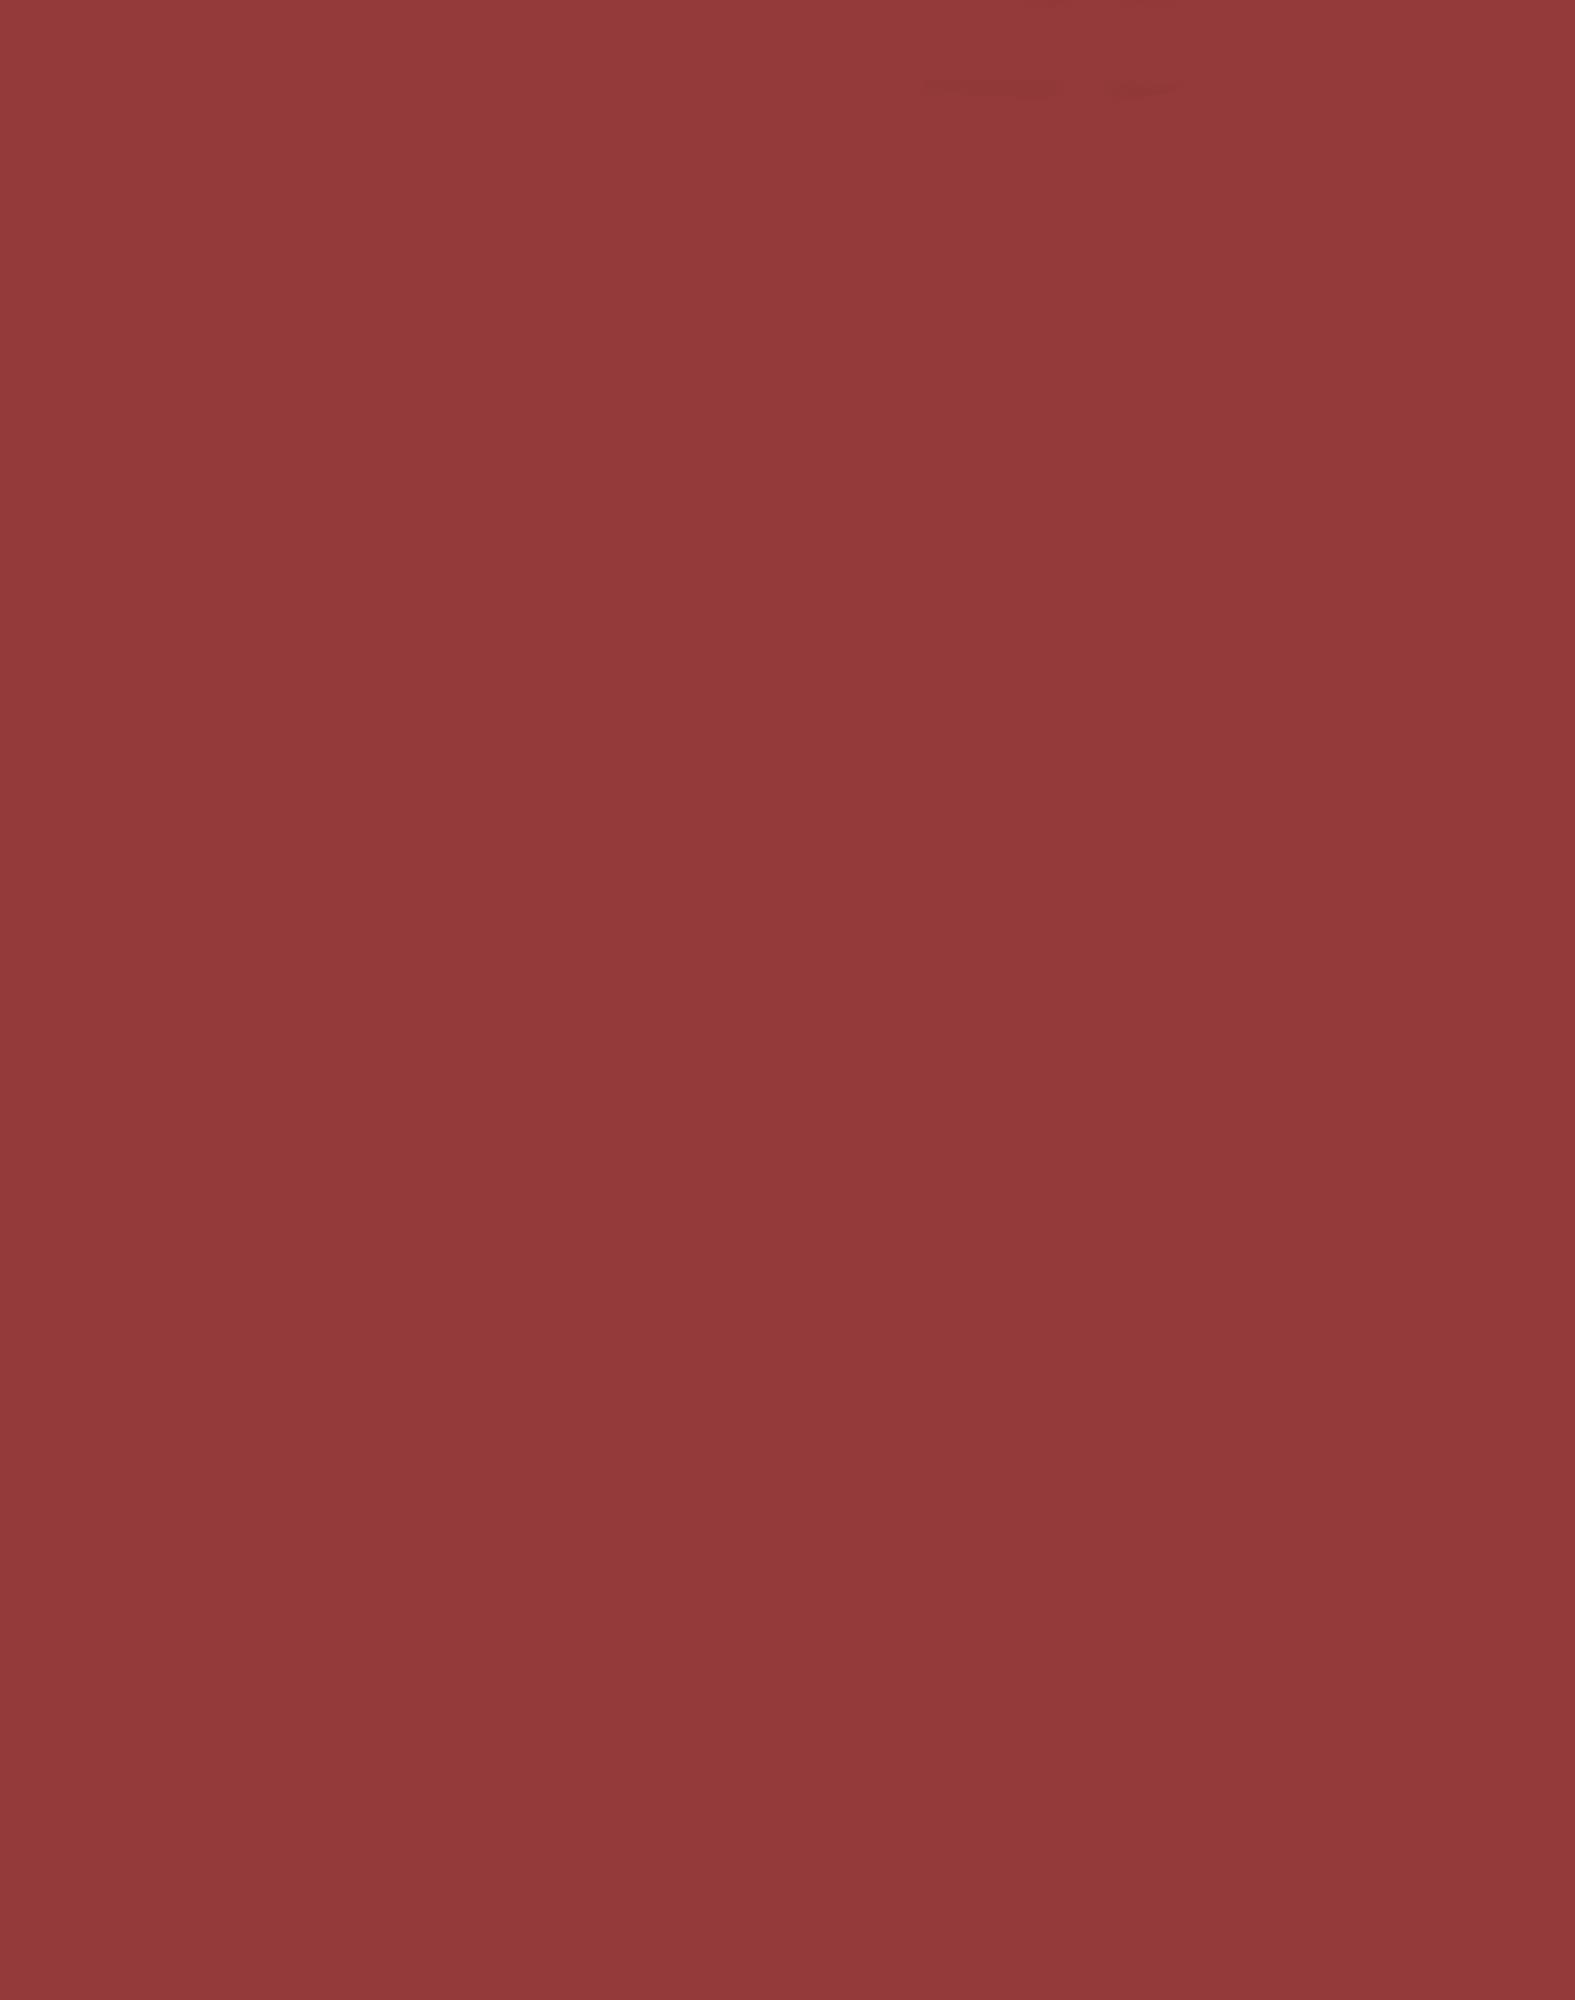 Hot Cherry 147,58,58